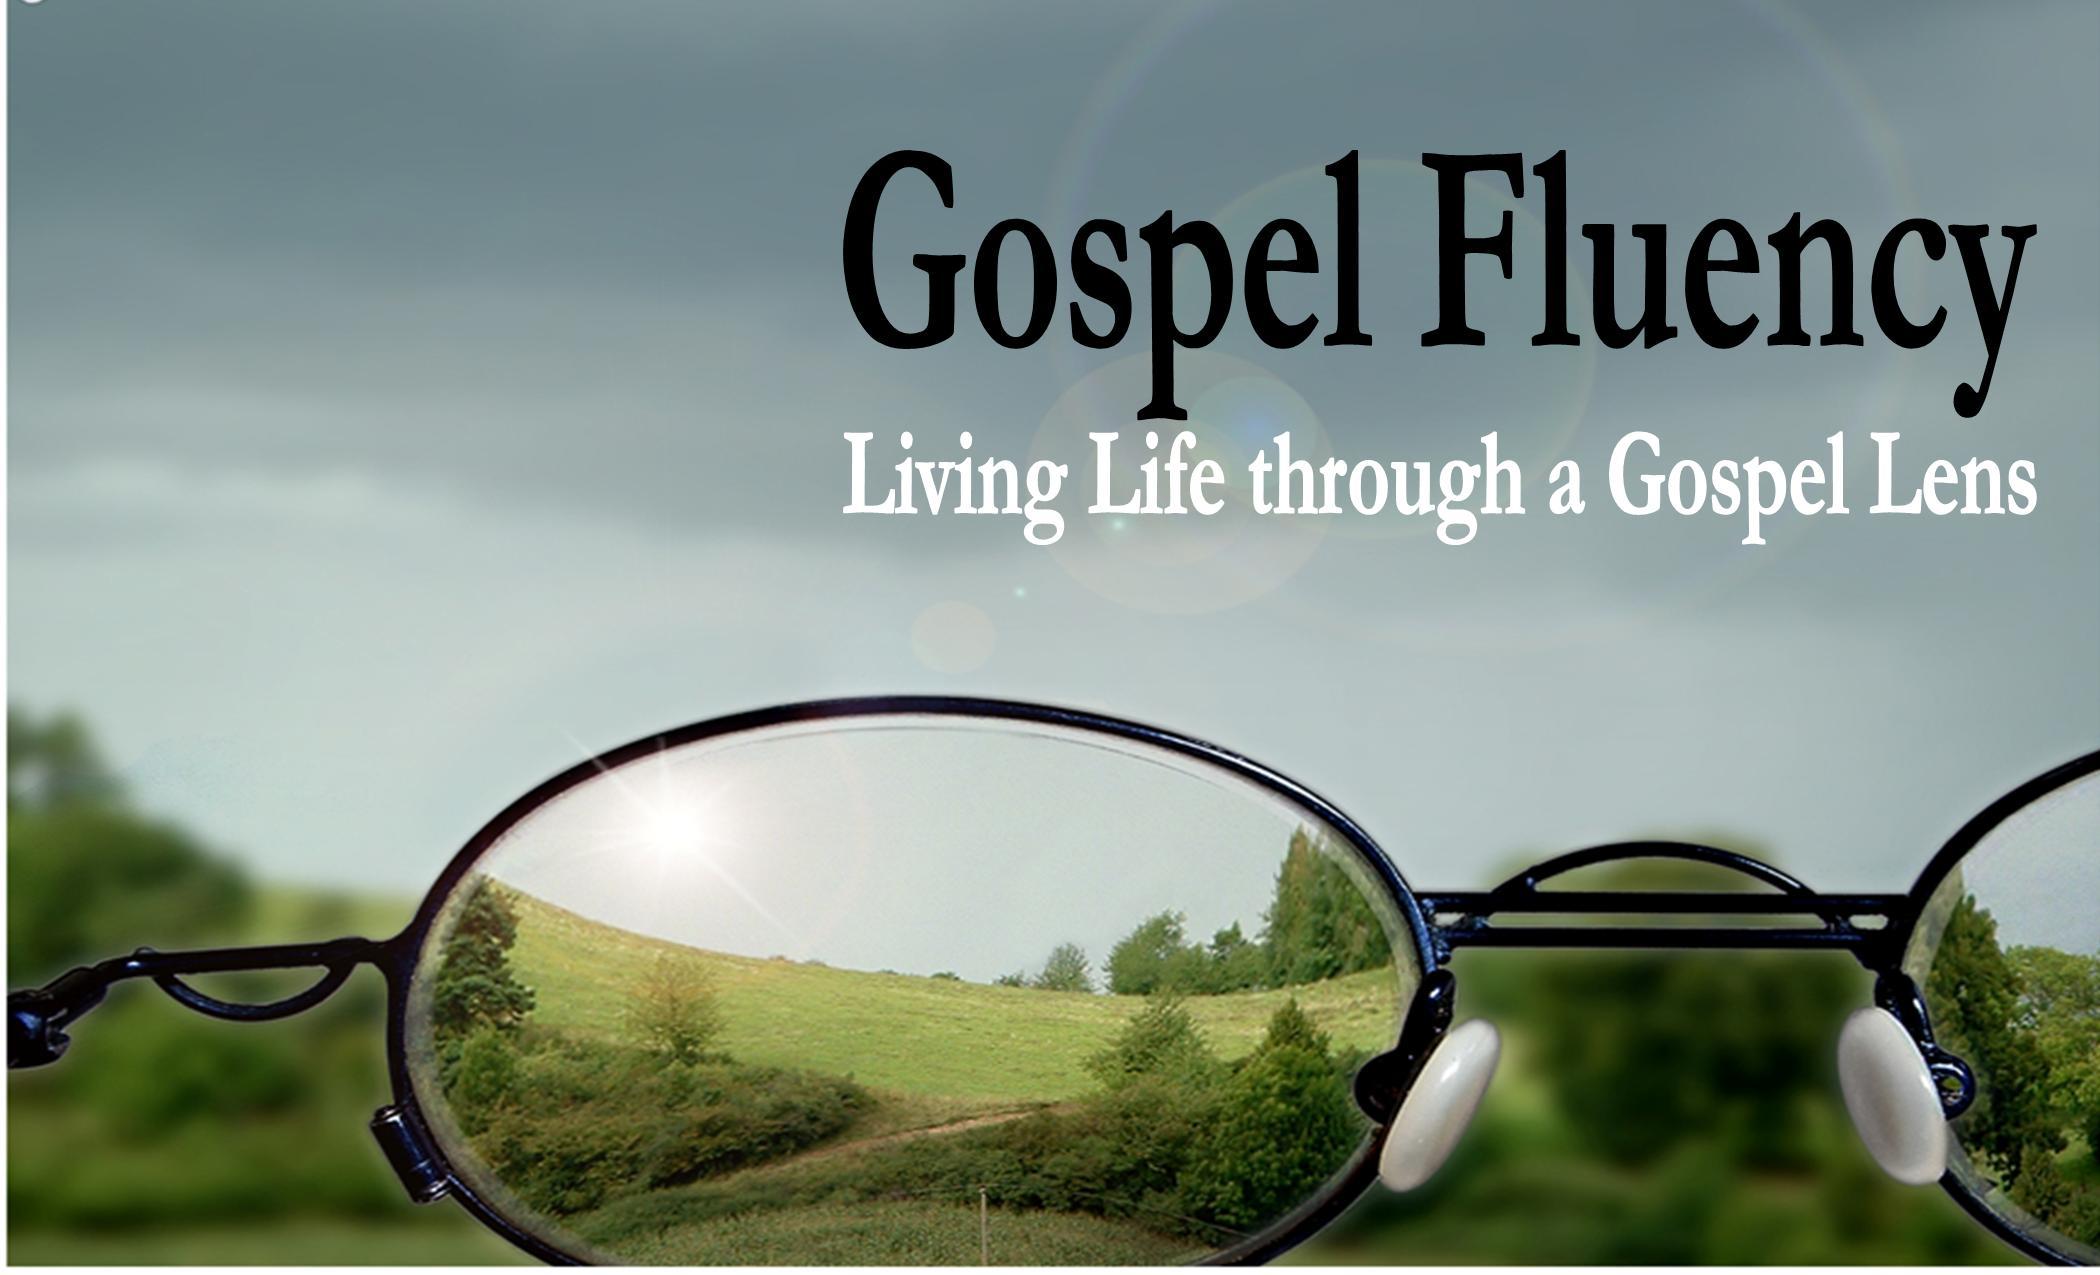 Gospel Fluency Poster